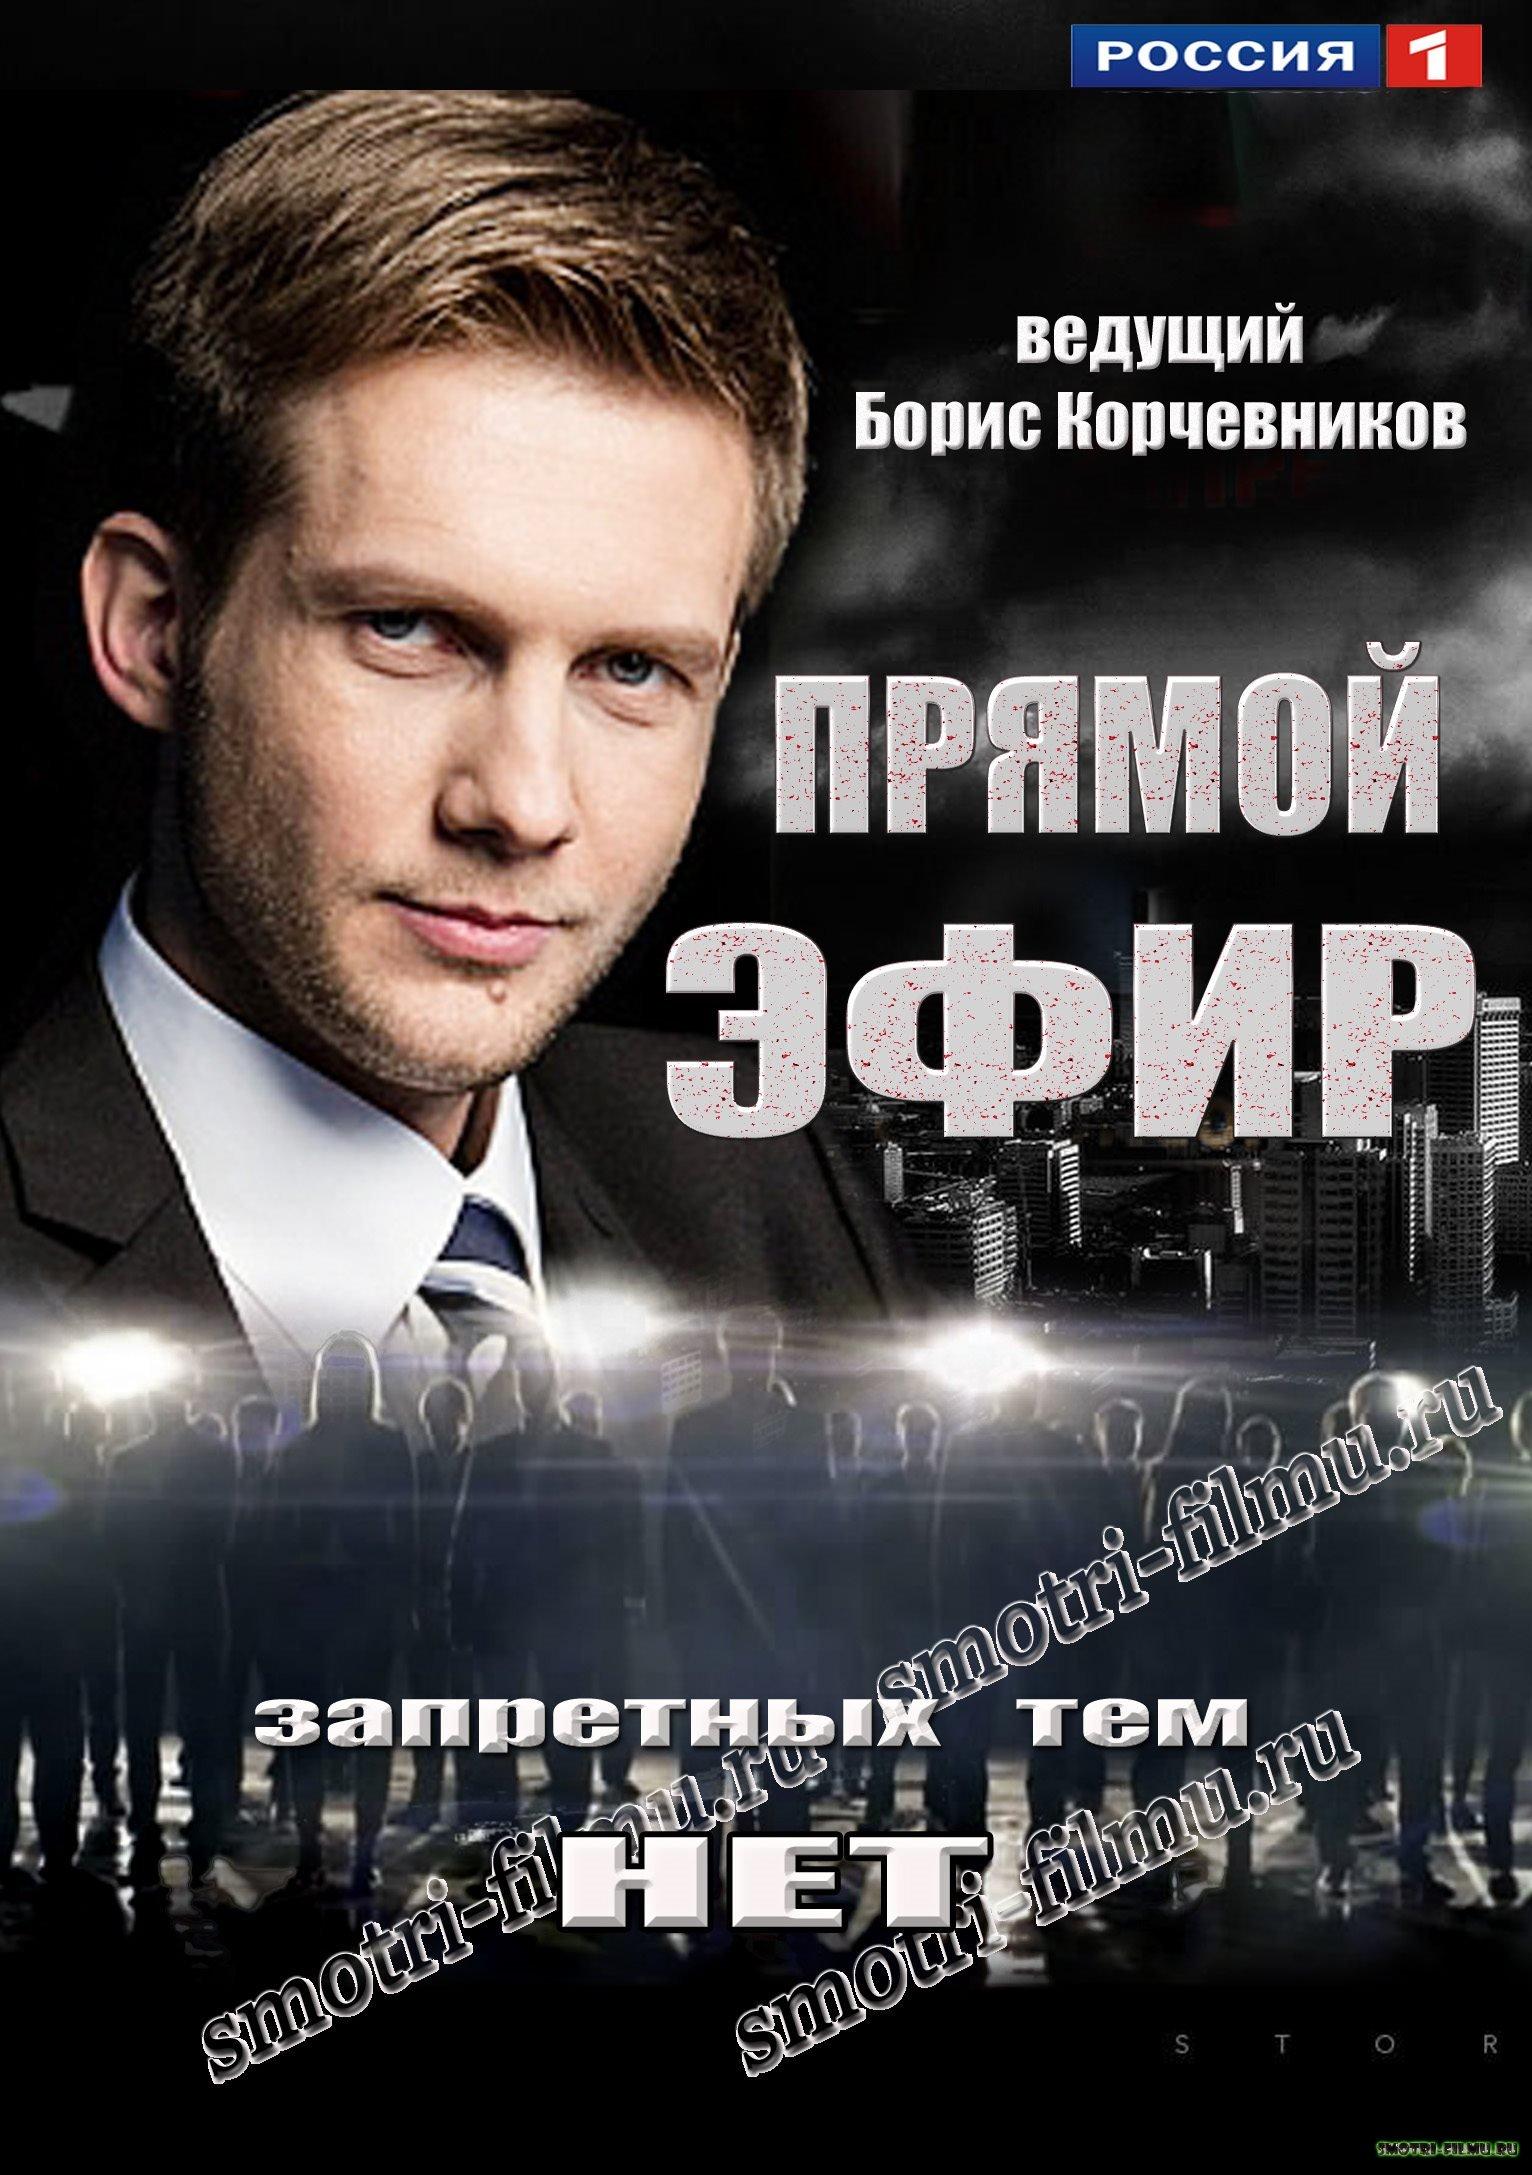 Прямой эфир с Борисом Корчевниковым (15.12.2014) смотреть онлайн